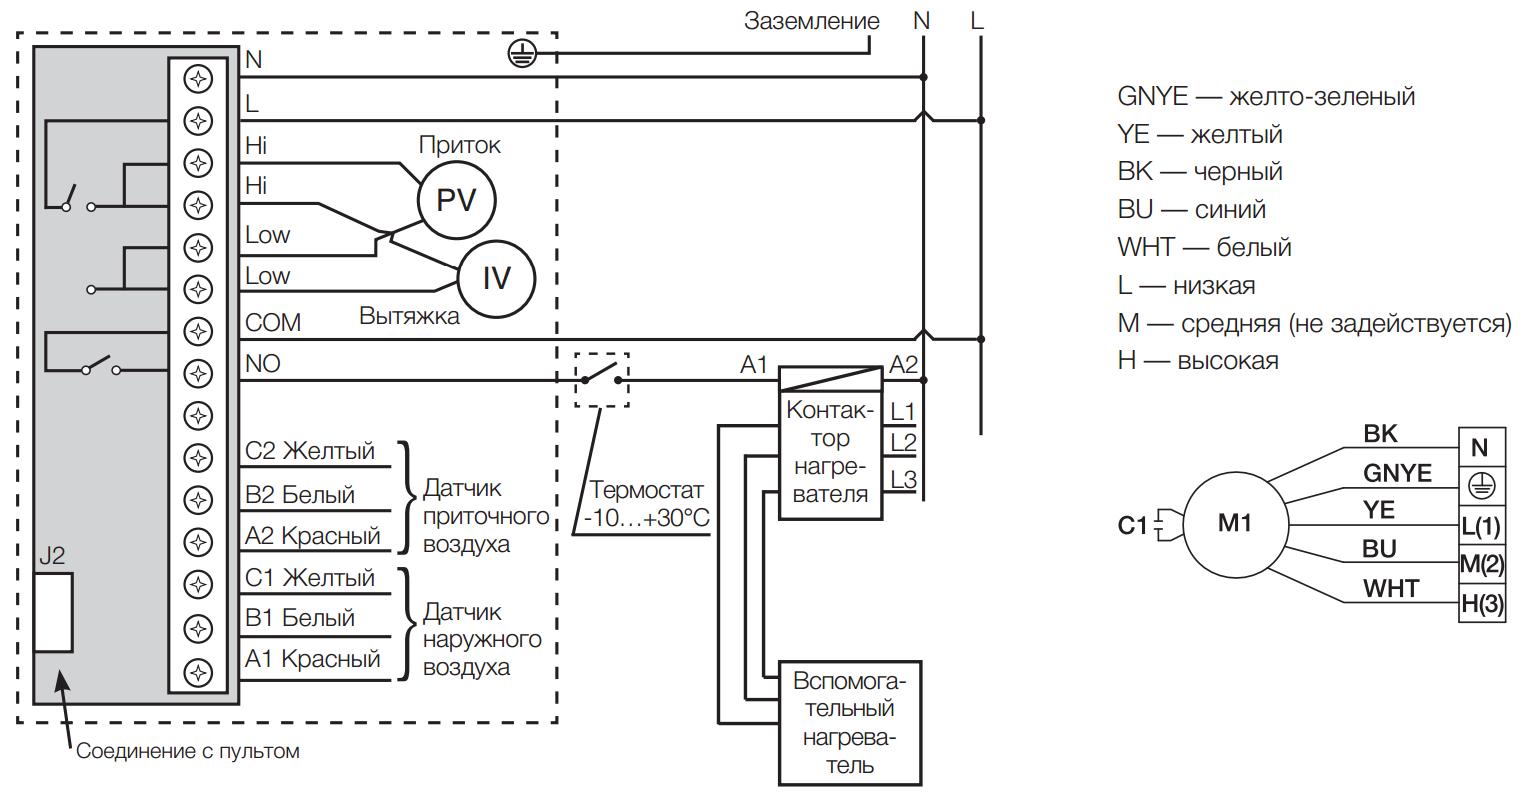 Схема подключения дополнительного нагревателя и вентилятора к приточно-вытяжной установке Electrolux EPVS